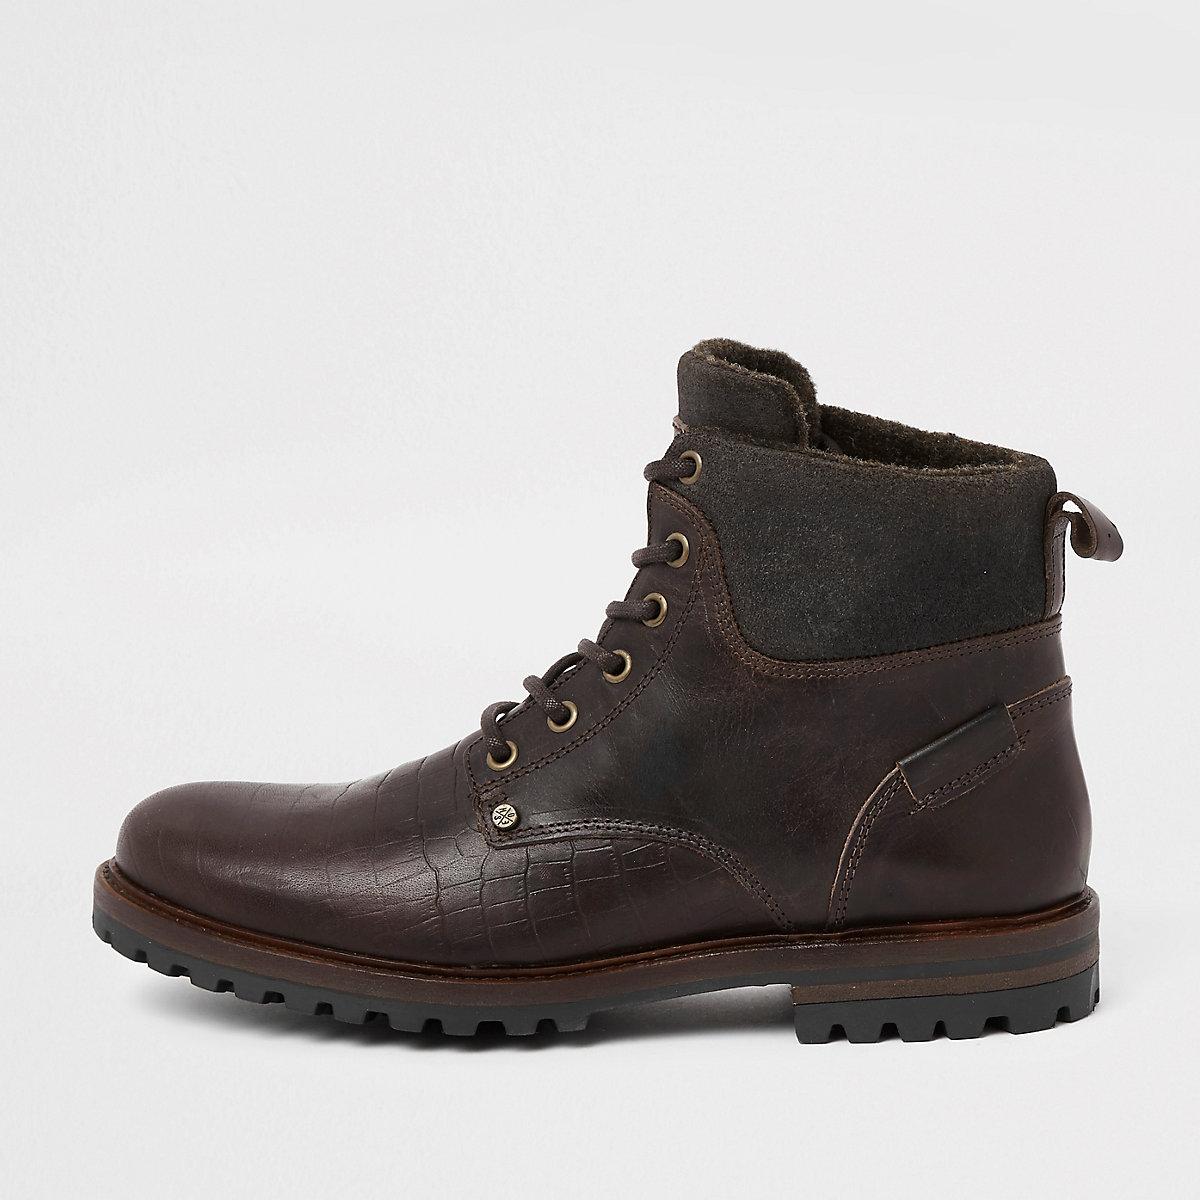 2bf9328a9b3c Braune Lederstiefel mit Prägung - Stiefel - Schuhe   Stiefel - Herren